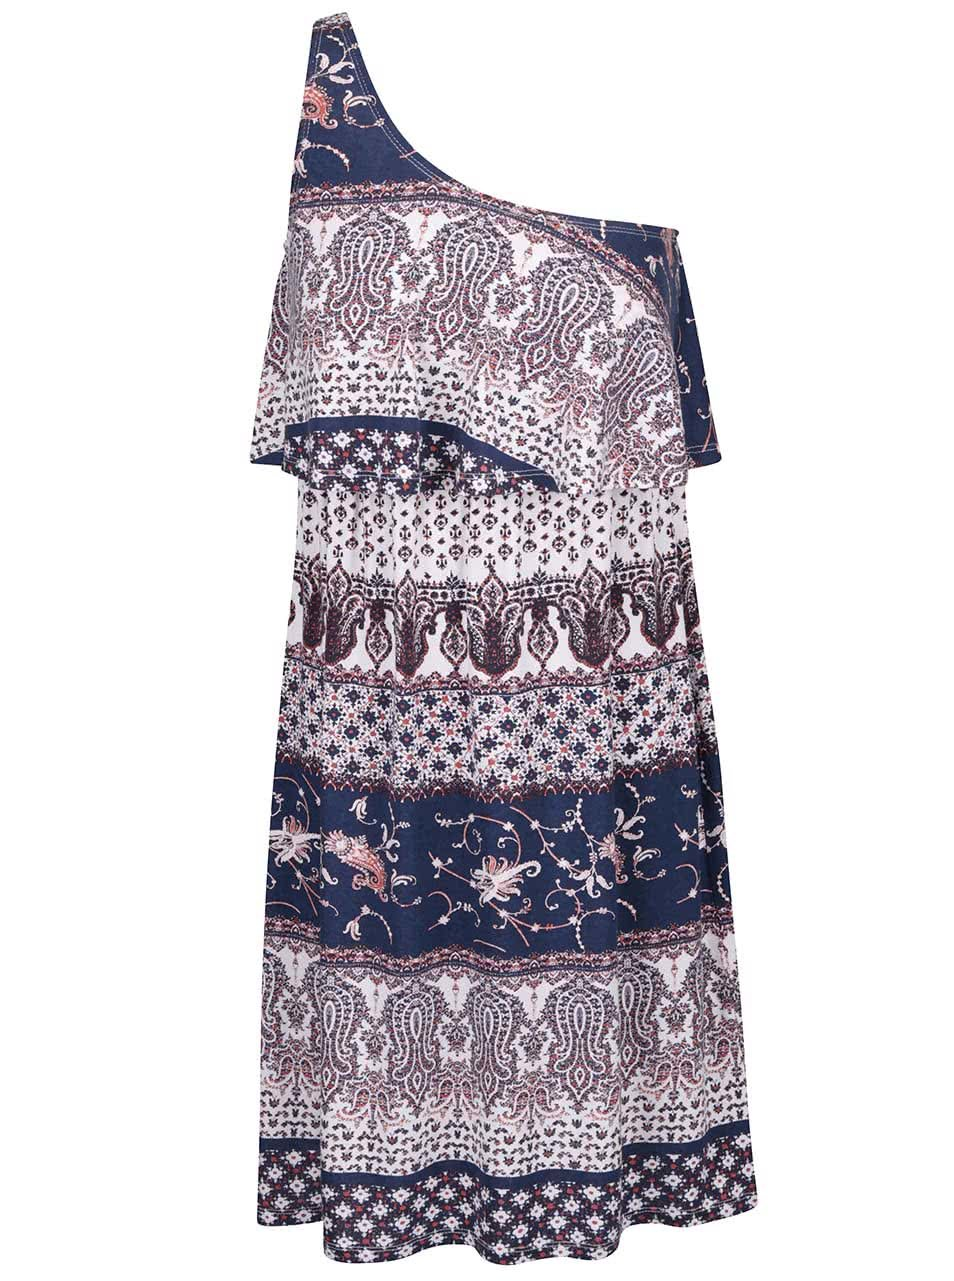 Modro-krémové vzorované šaty přes jedno rameno ONLY Nadia